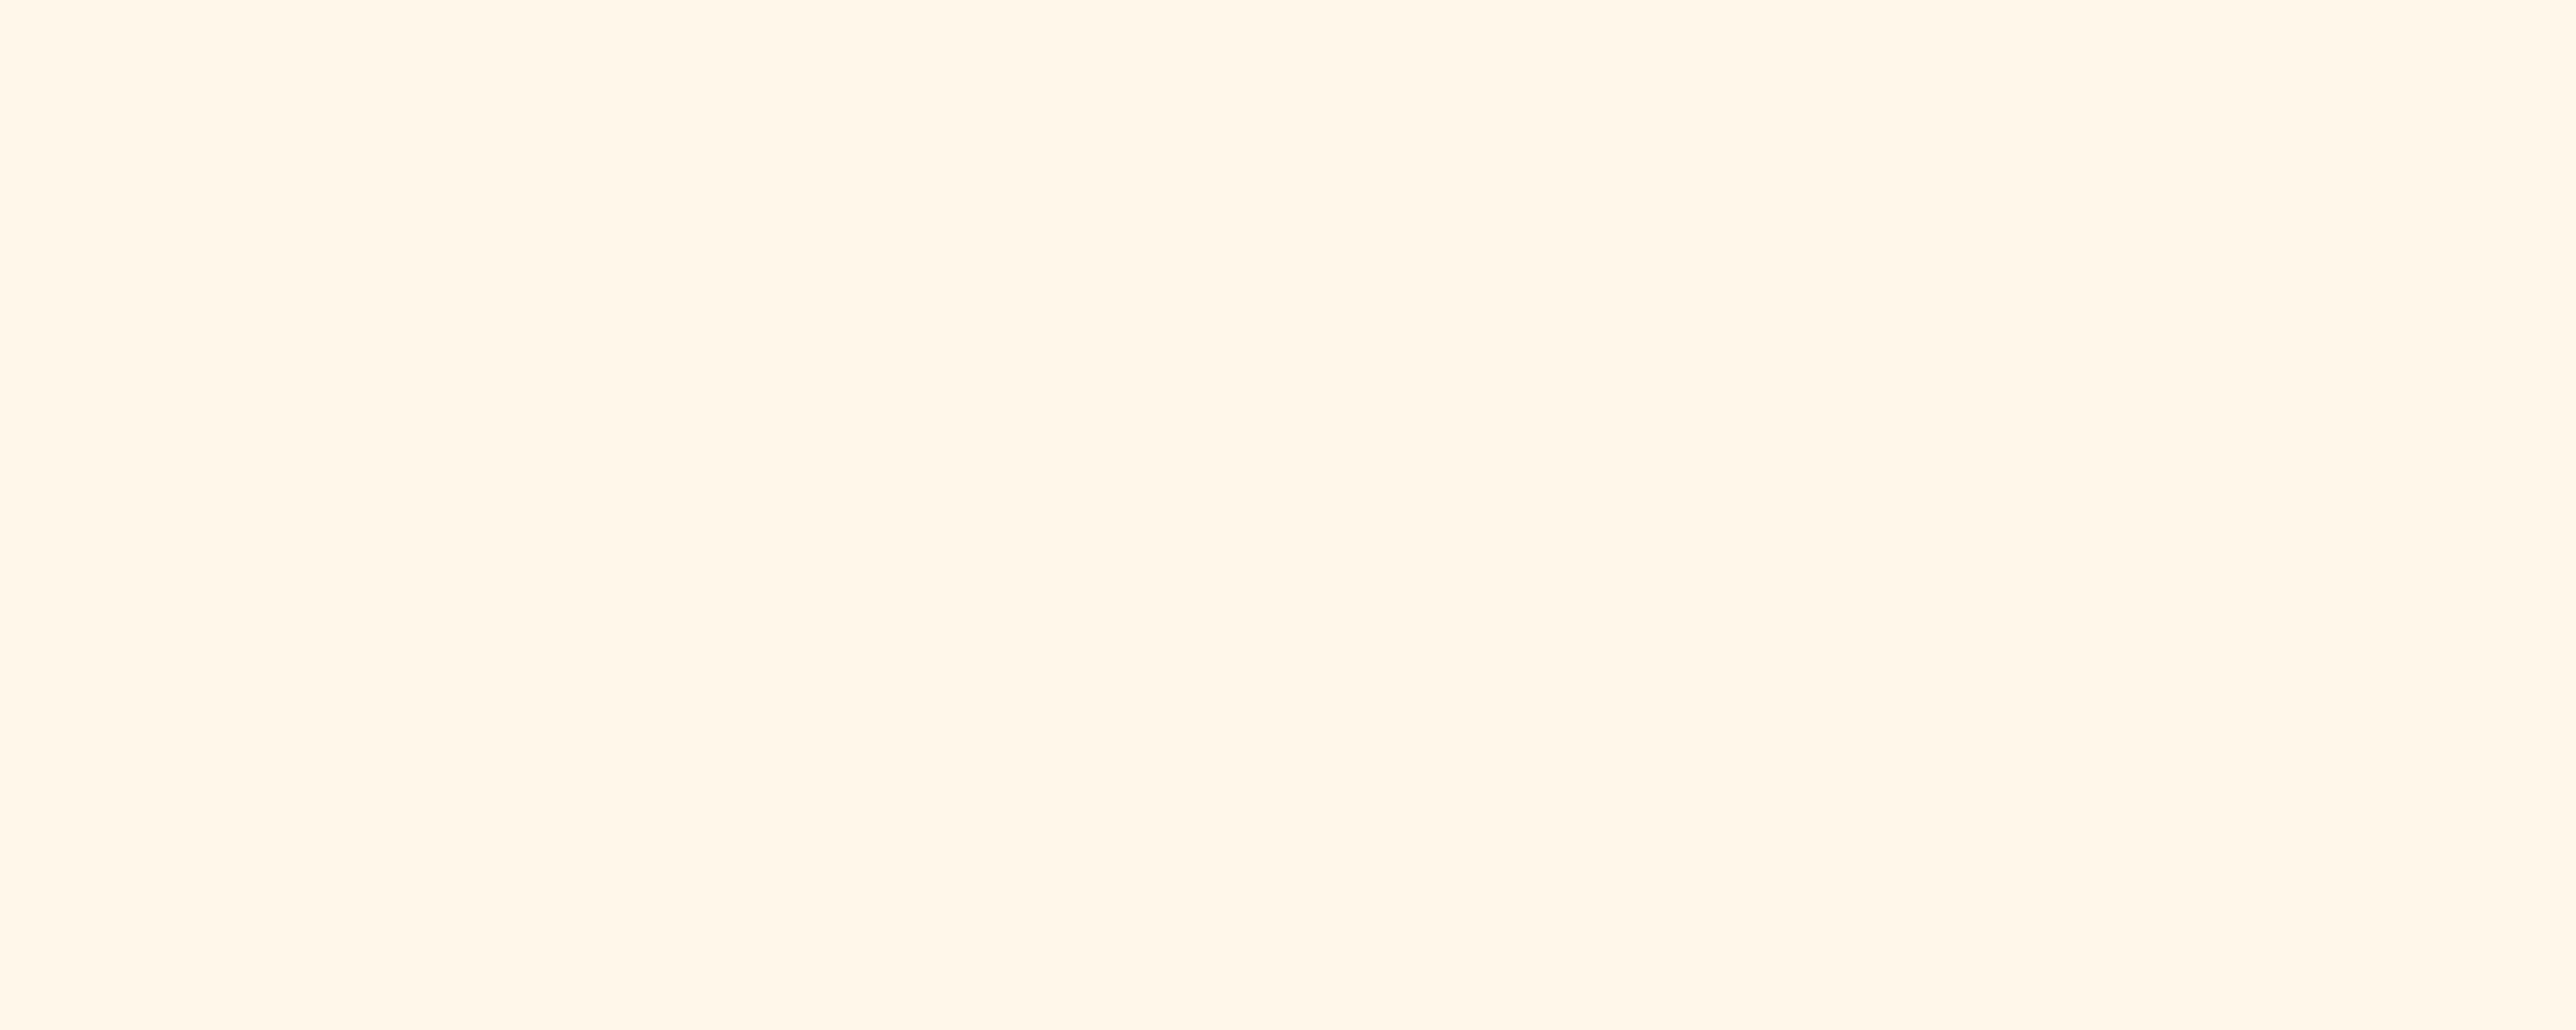 ilikecrepes-promotion-01